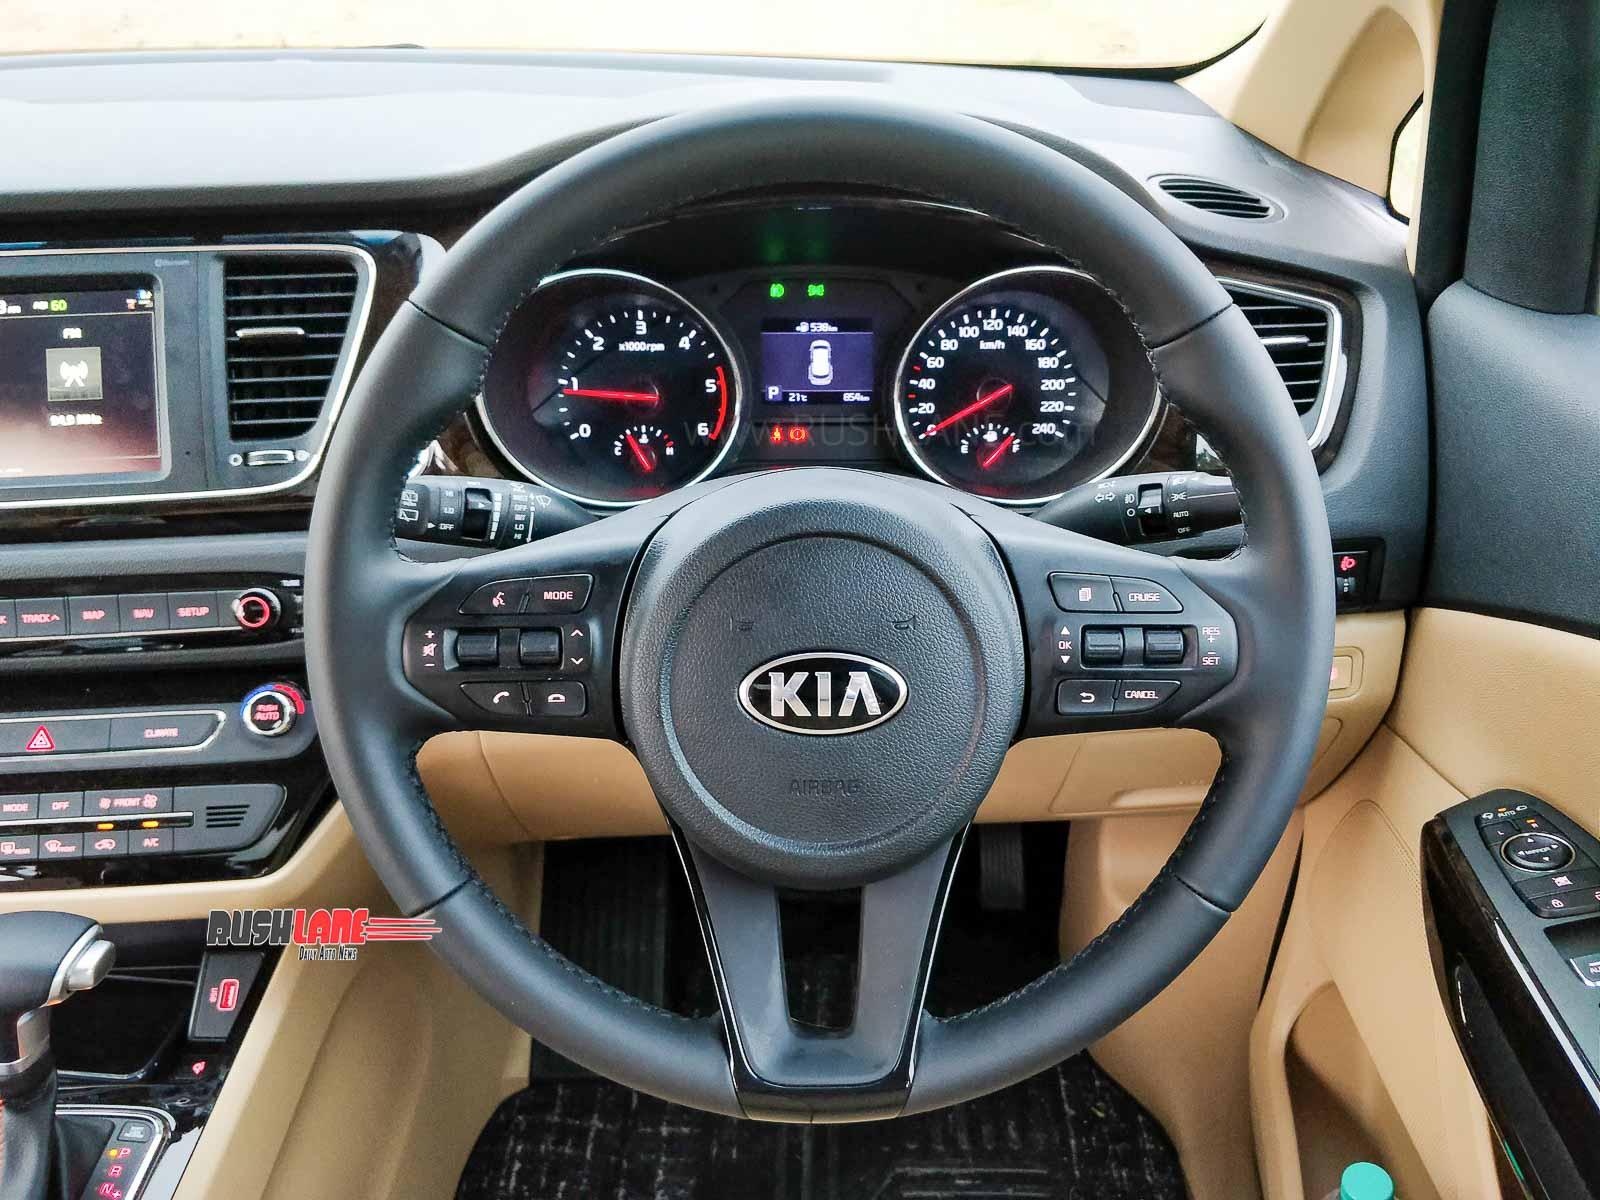 Kia Carnival review